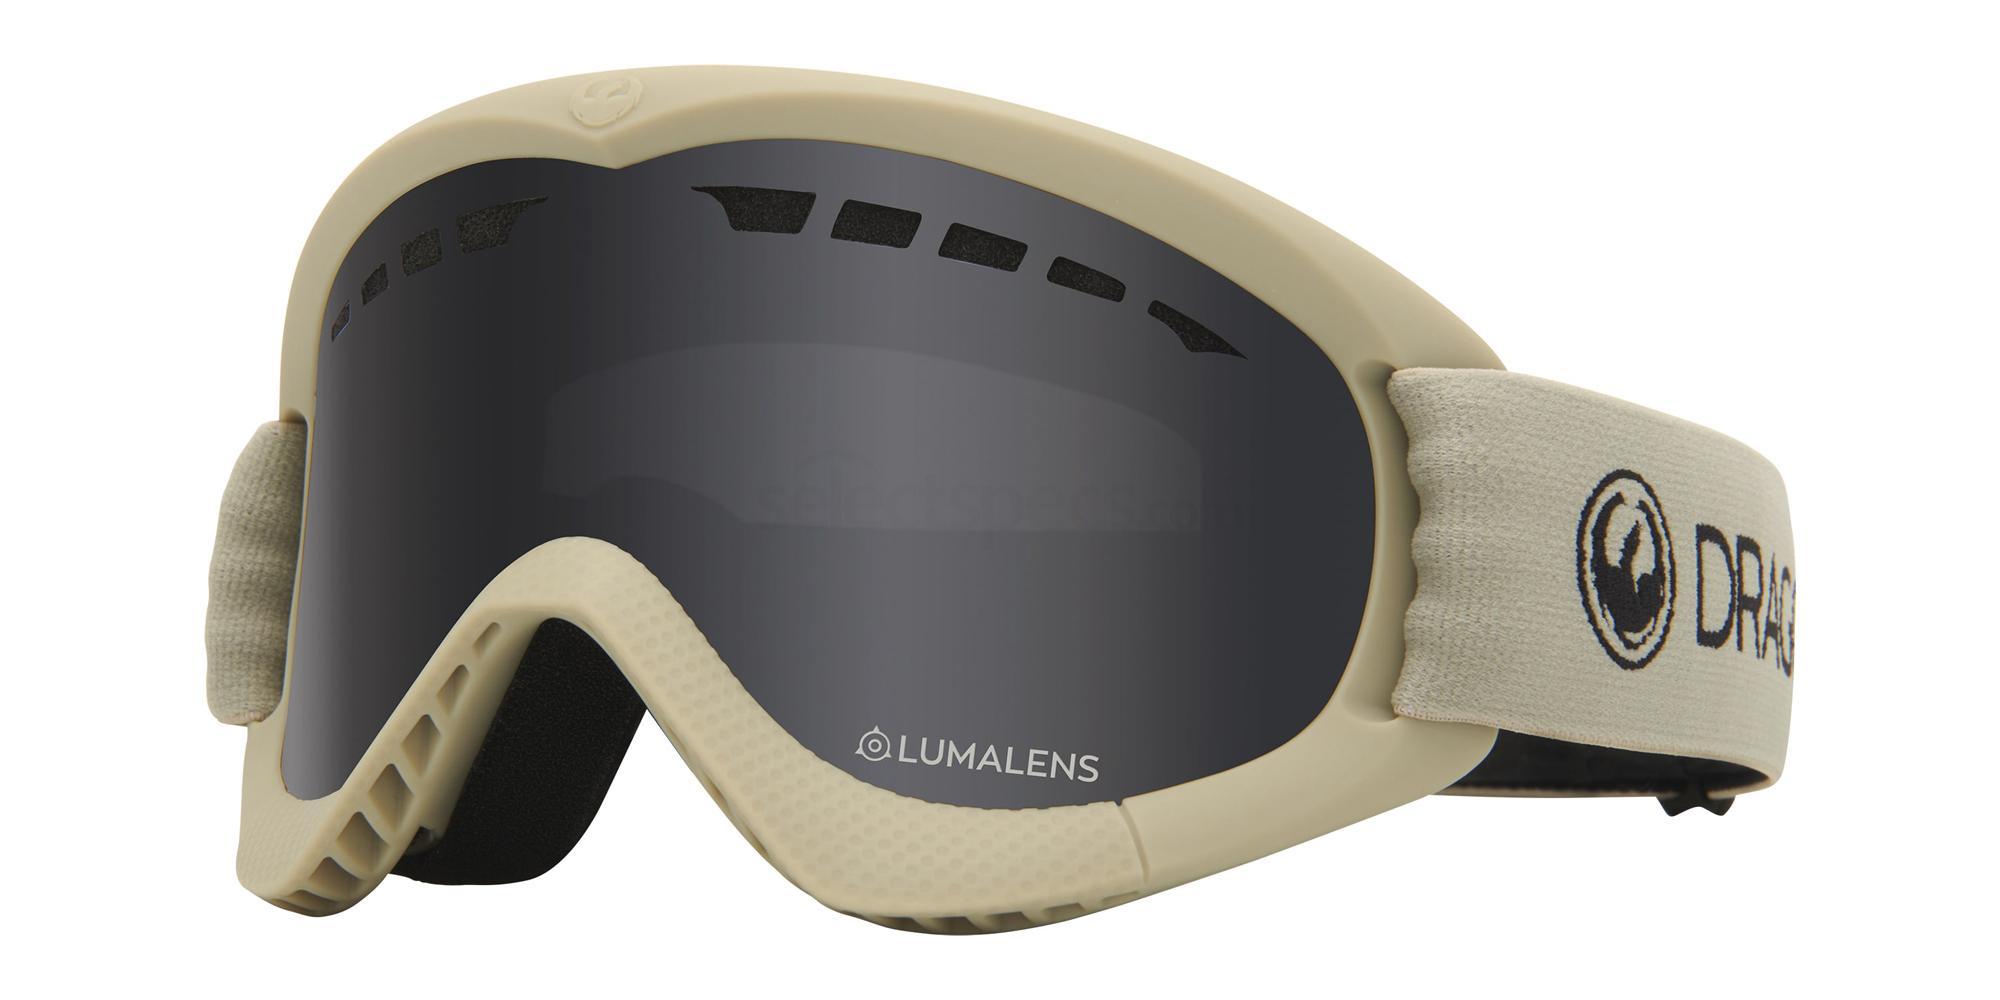 272 DR DXS BASE Goggles, Dragon